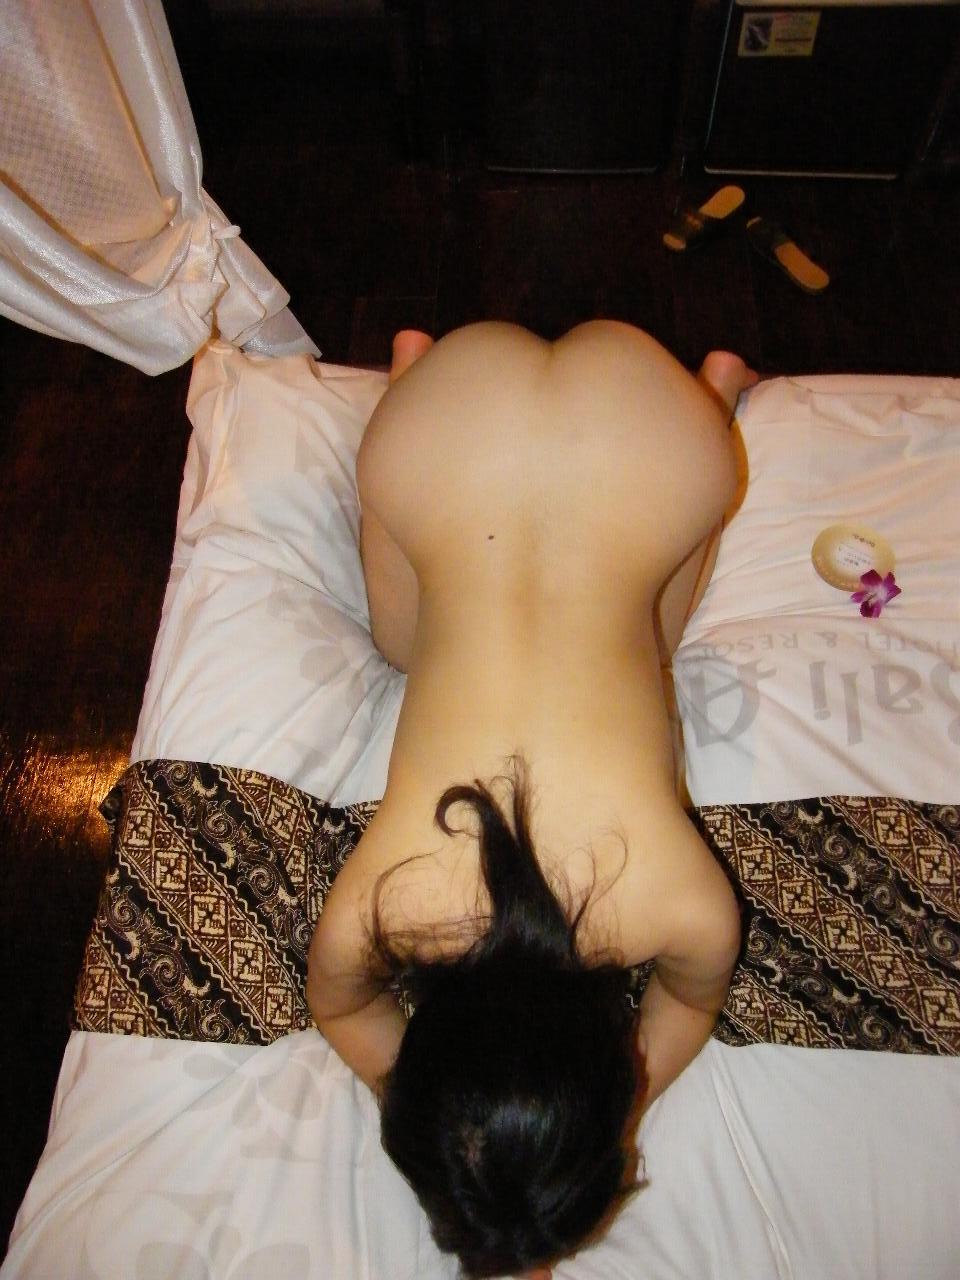 彼女が出来たら毎日こういう裸が見れるんだなって感じの素人エロ画像 51